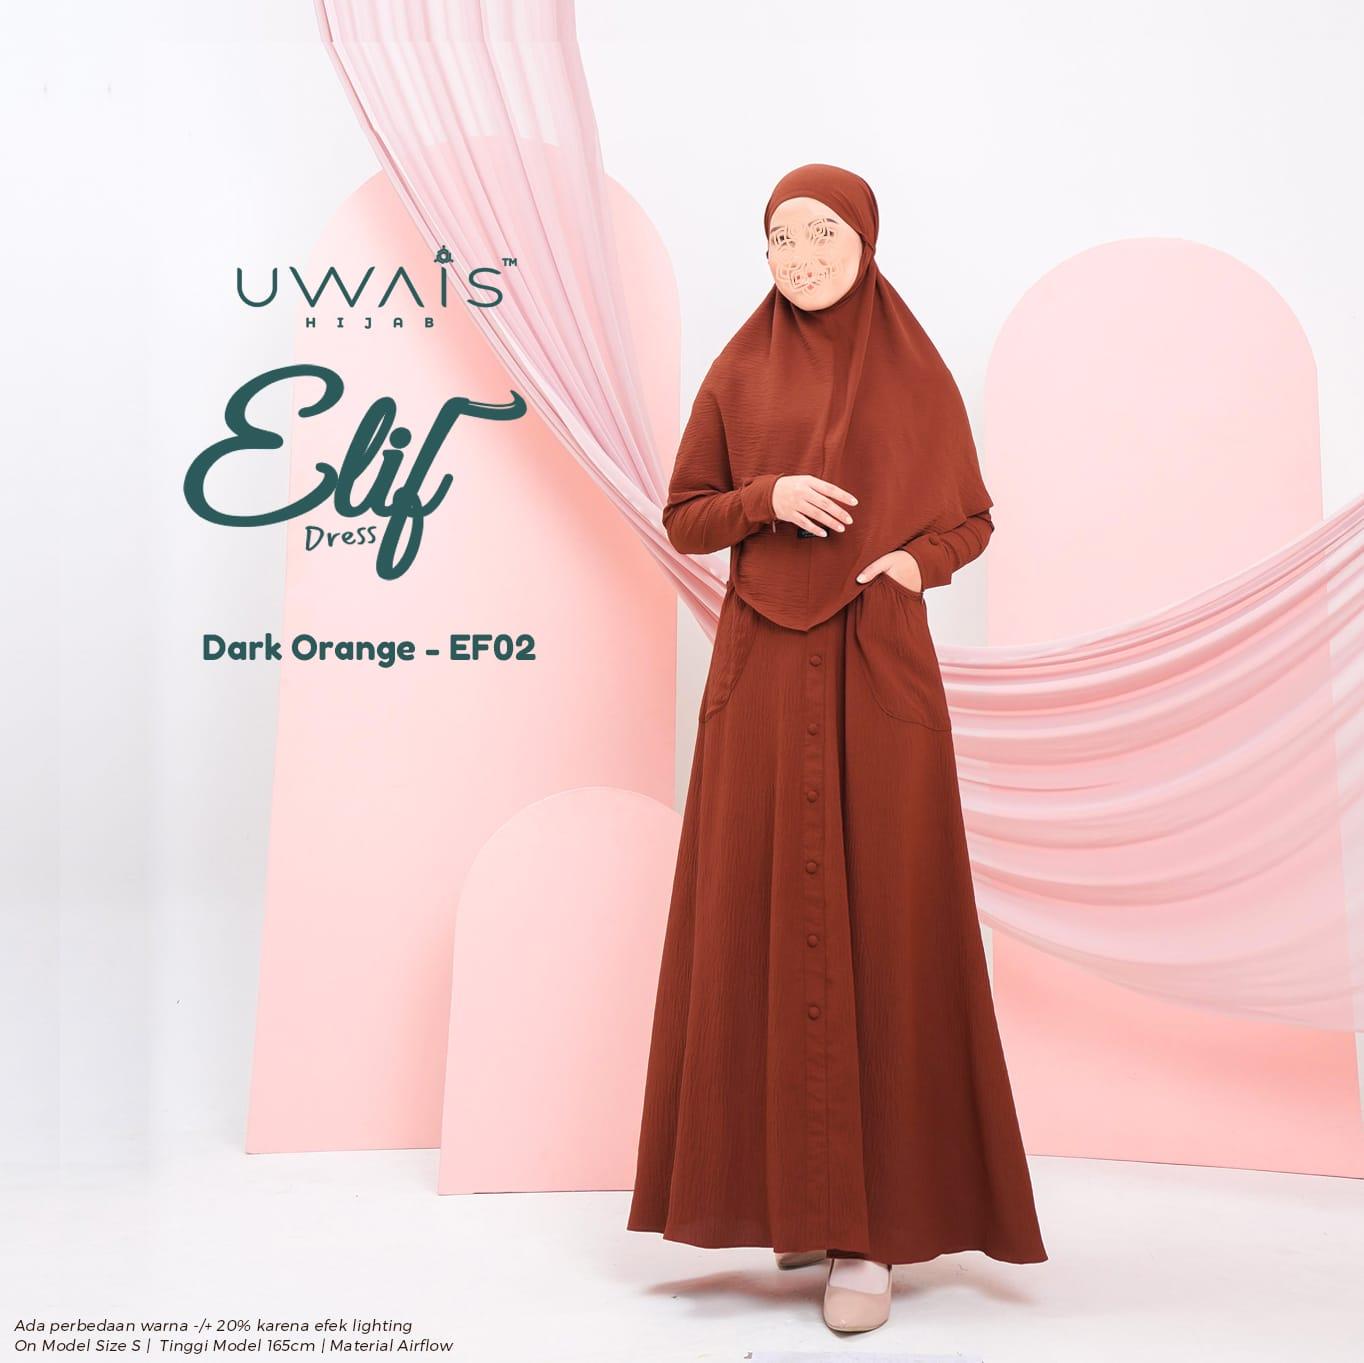 elif_dress_dark_oran_bzdK9